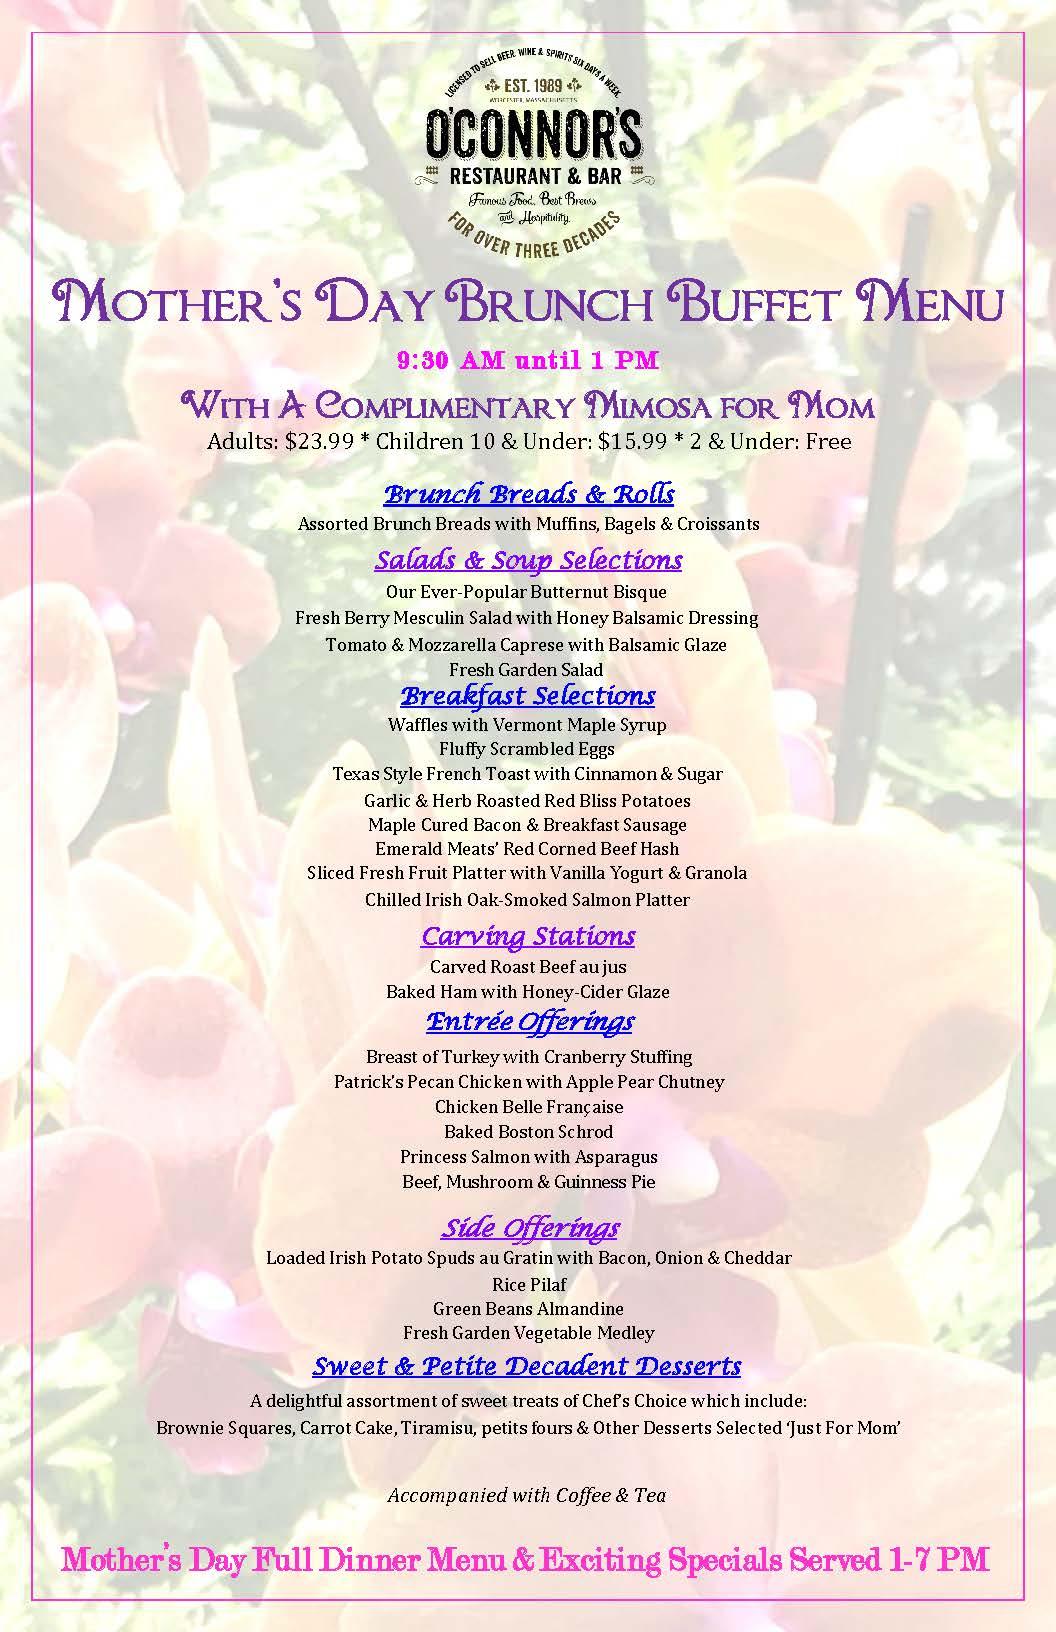 Mother's Day 2019 Brunch Menu